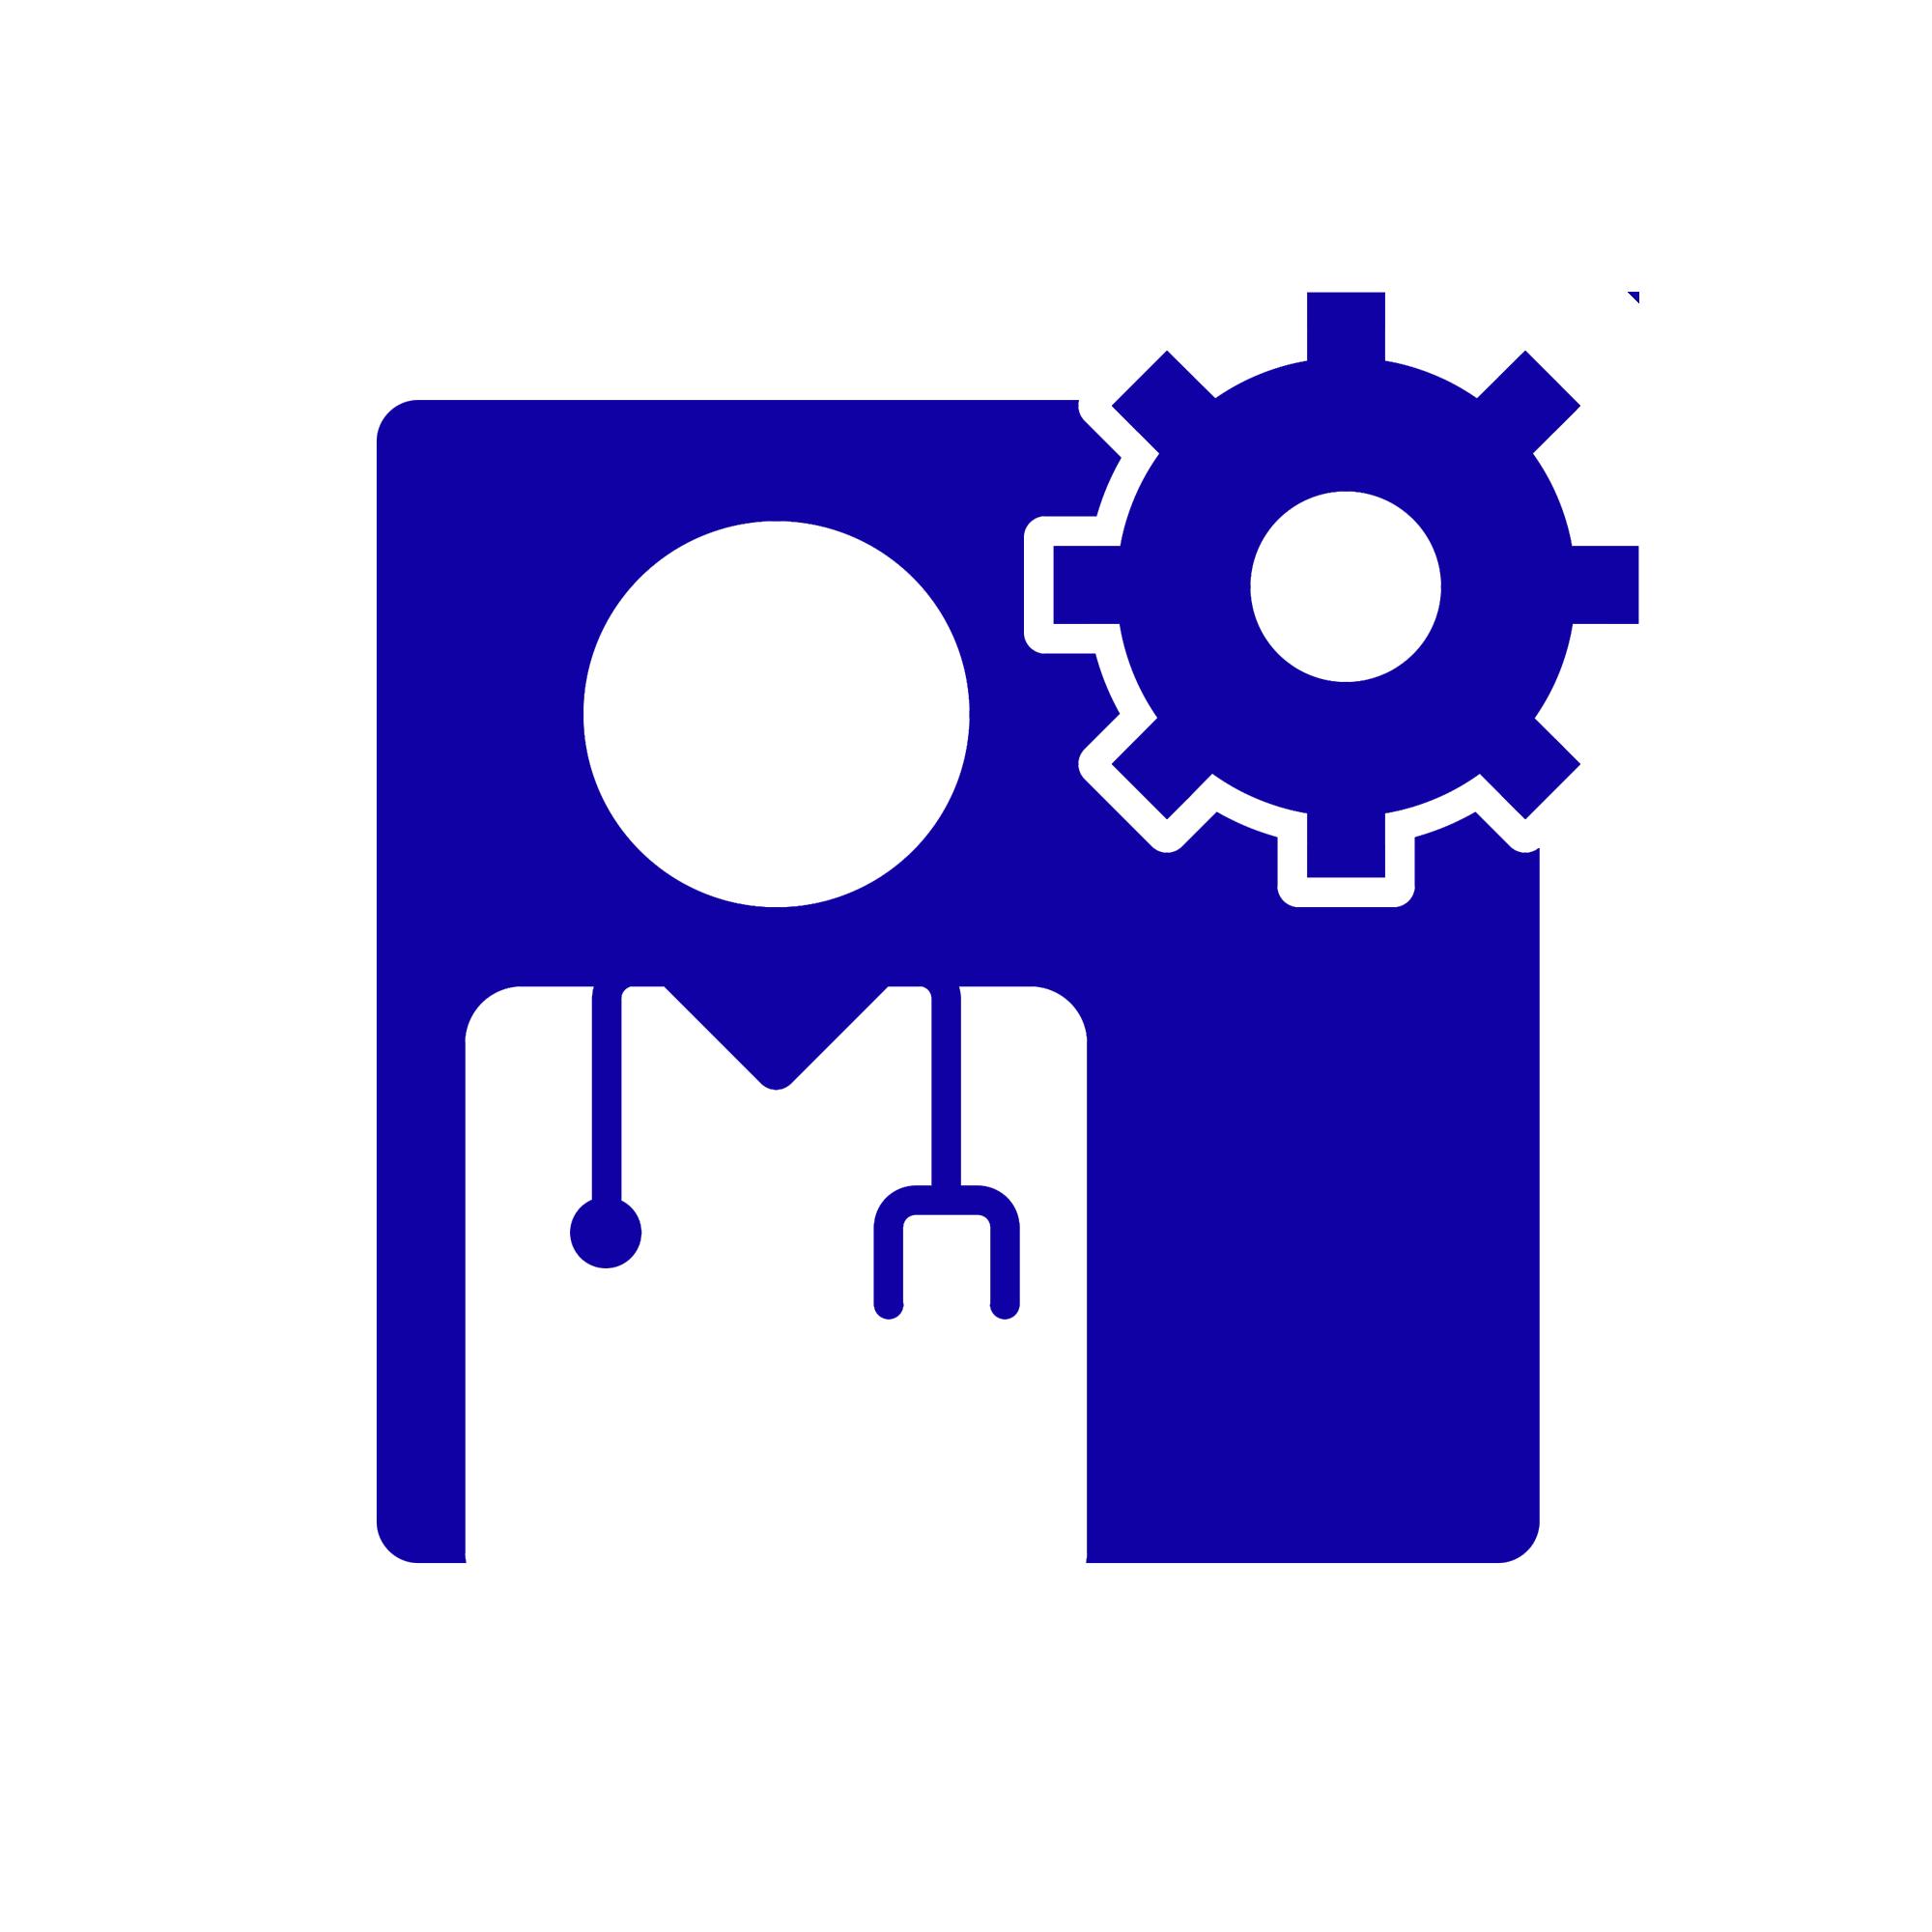 Icono representando la atención especializada con fondo blanco